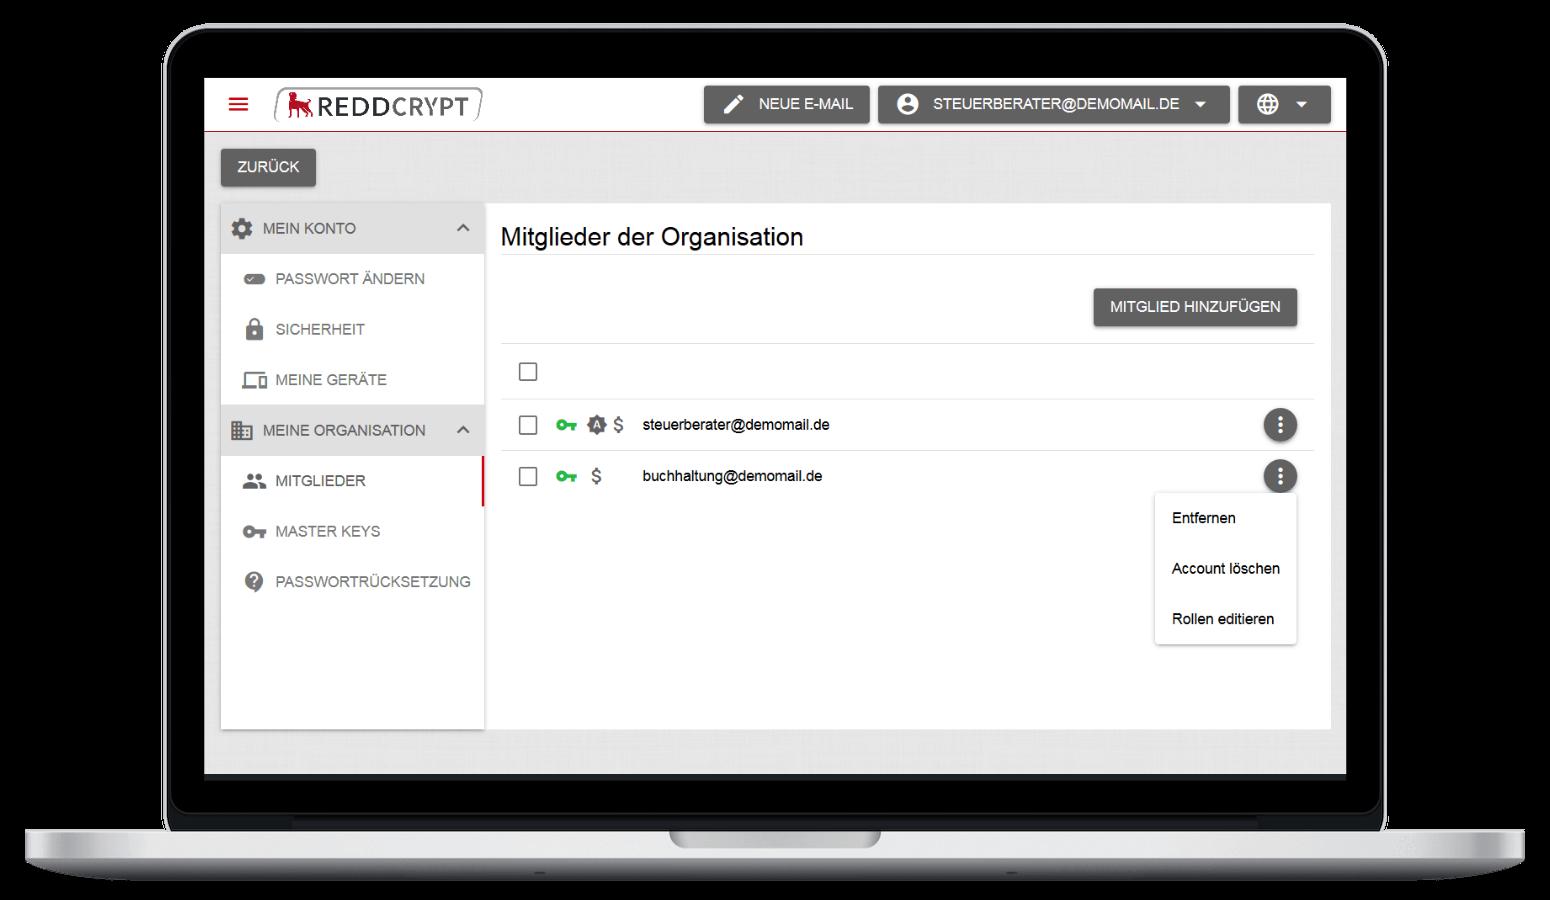 Mit der Nutzerverwaltung von REDDCRYPT Business hat der Administrator die volle Kontrolle